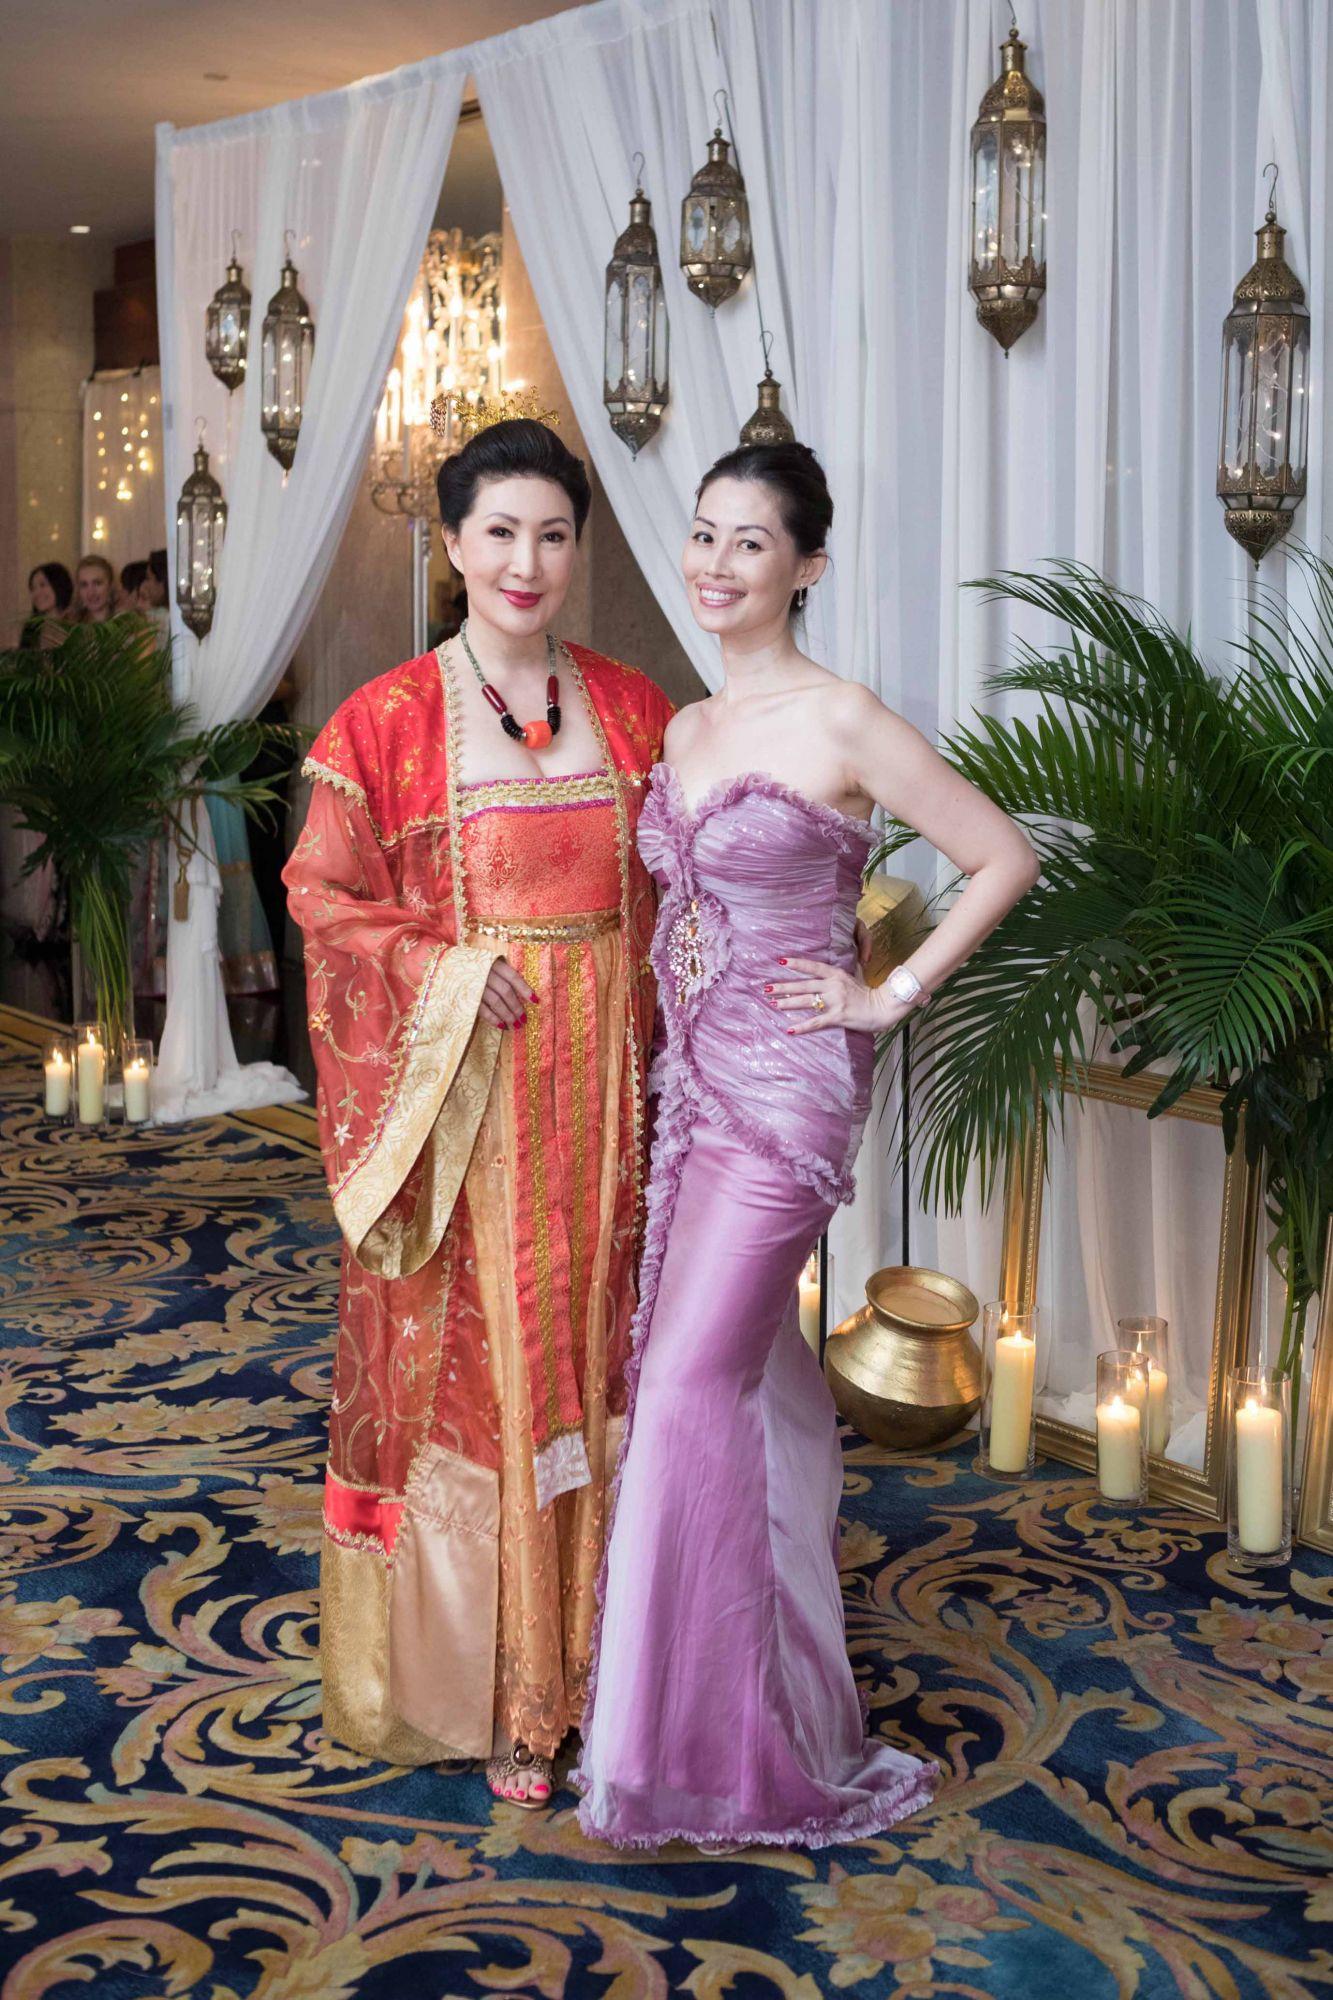 Chiang Yu Lan, Serene Tan